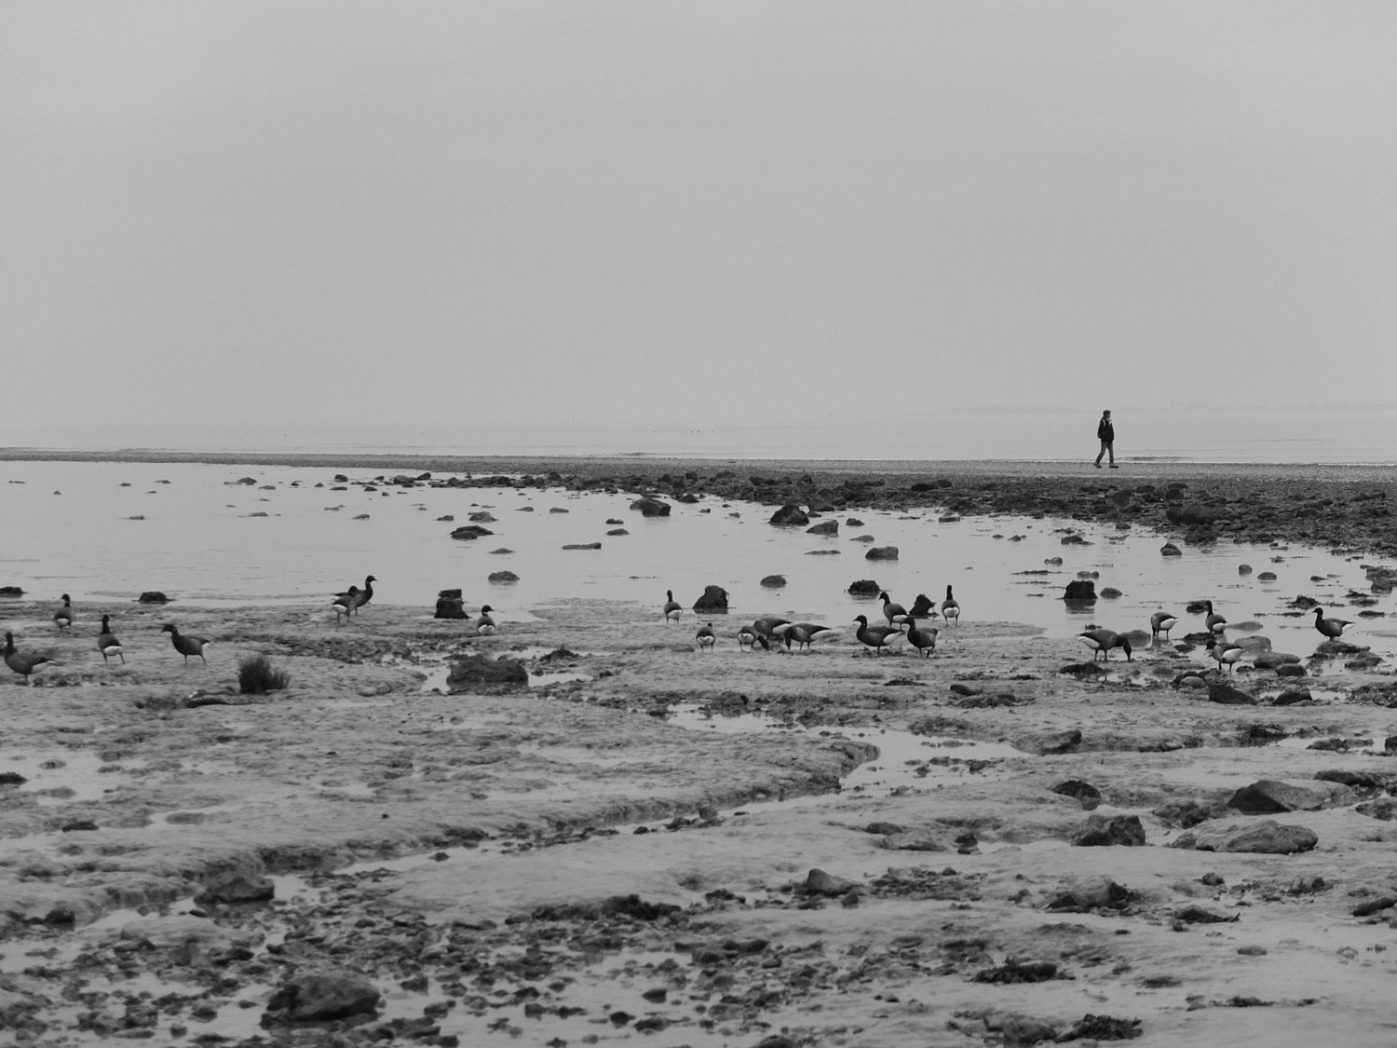 La passe aux boeufs - Port-des-Barques